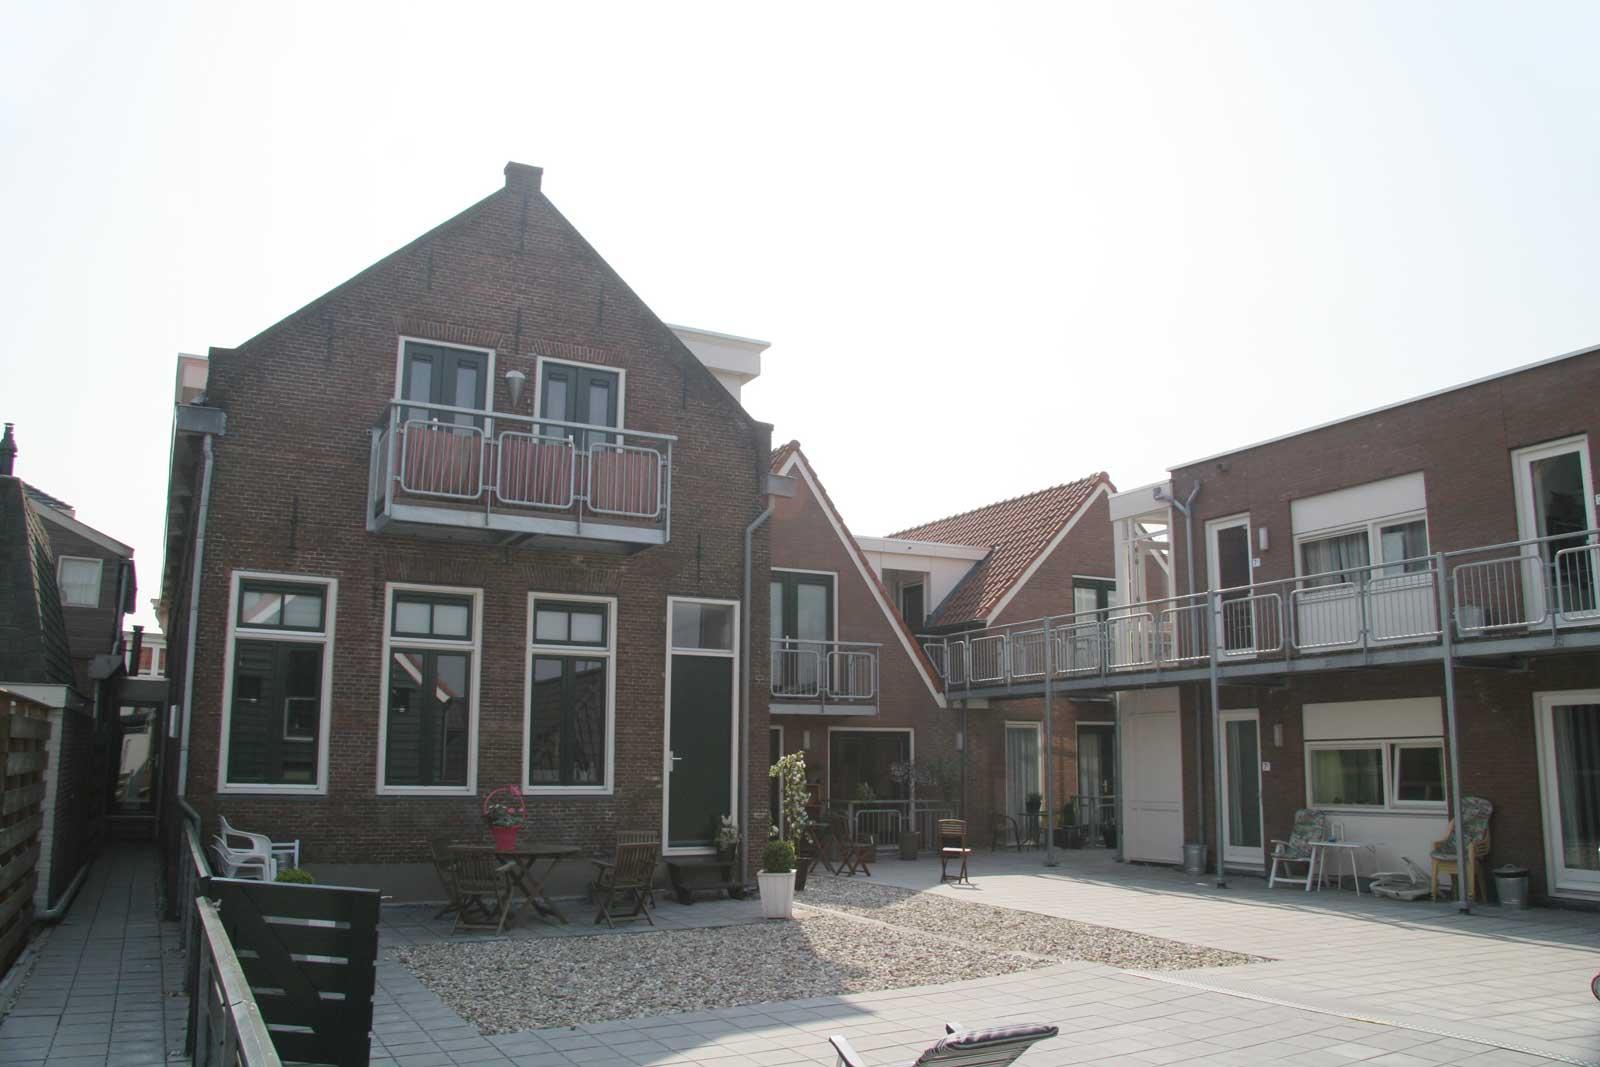 gevels aan binnentuin - Binnenstedelijke herontwikkeling Dubbele Buurt Purmerend